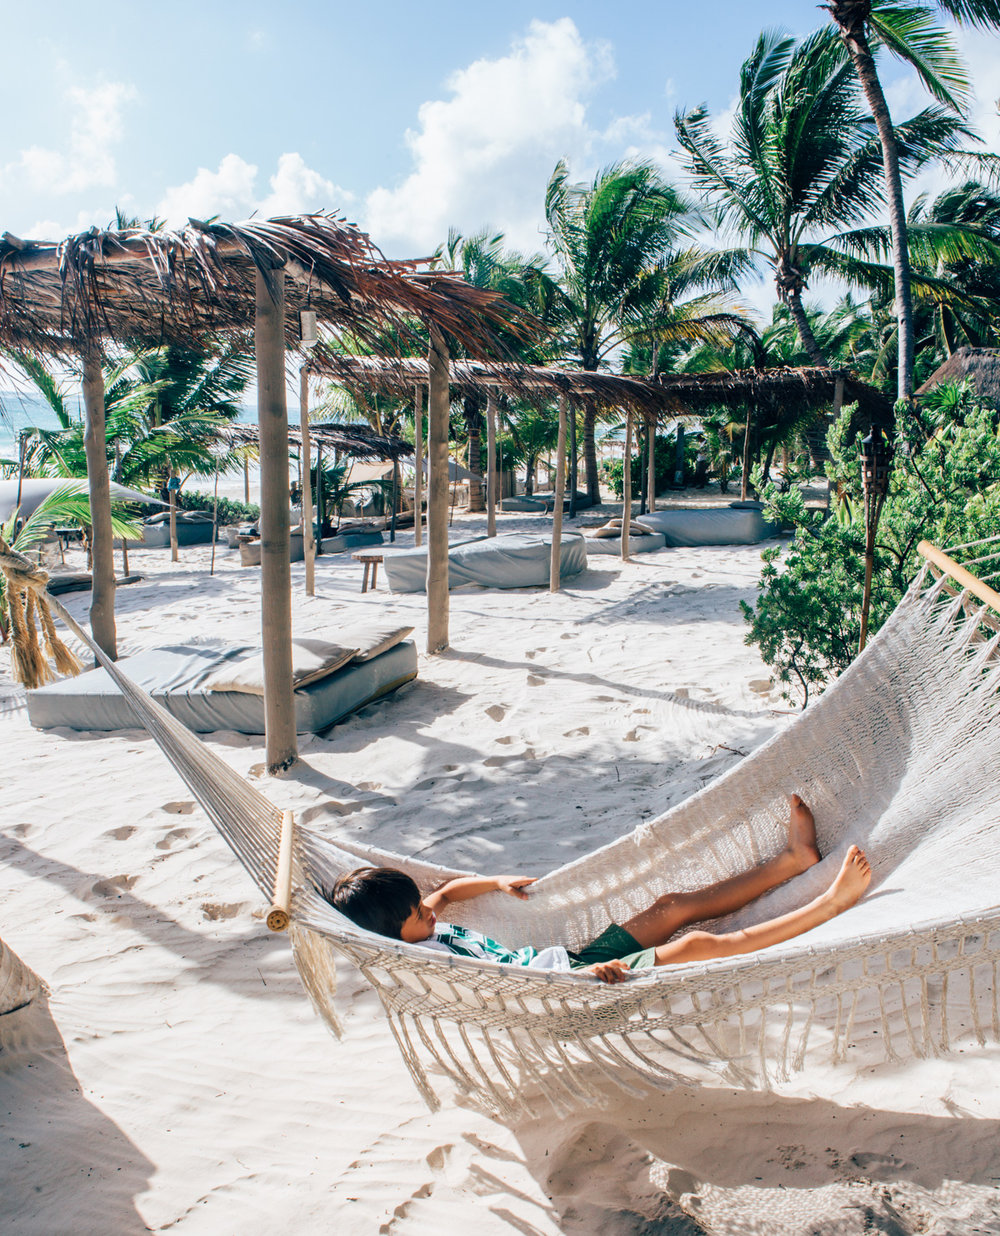 Tulum, Mexico - @lumadeline